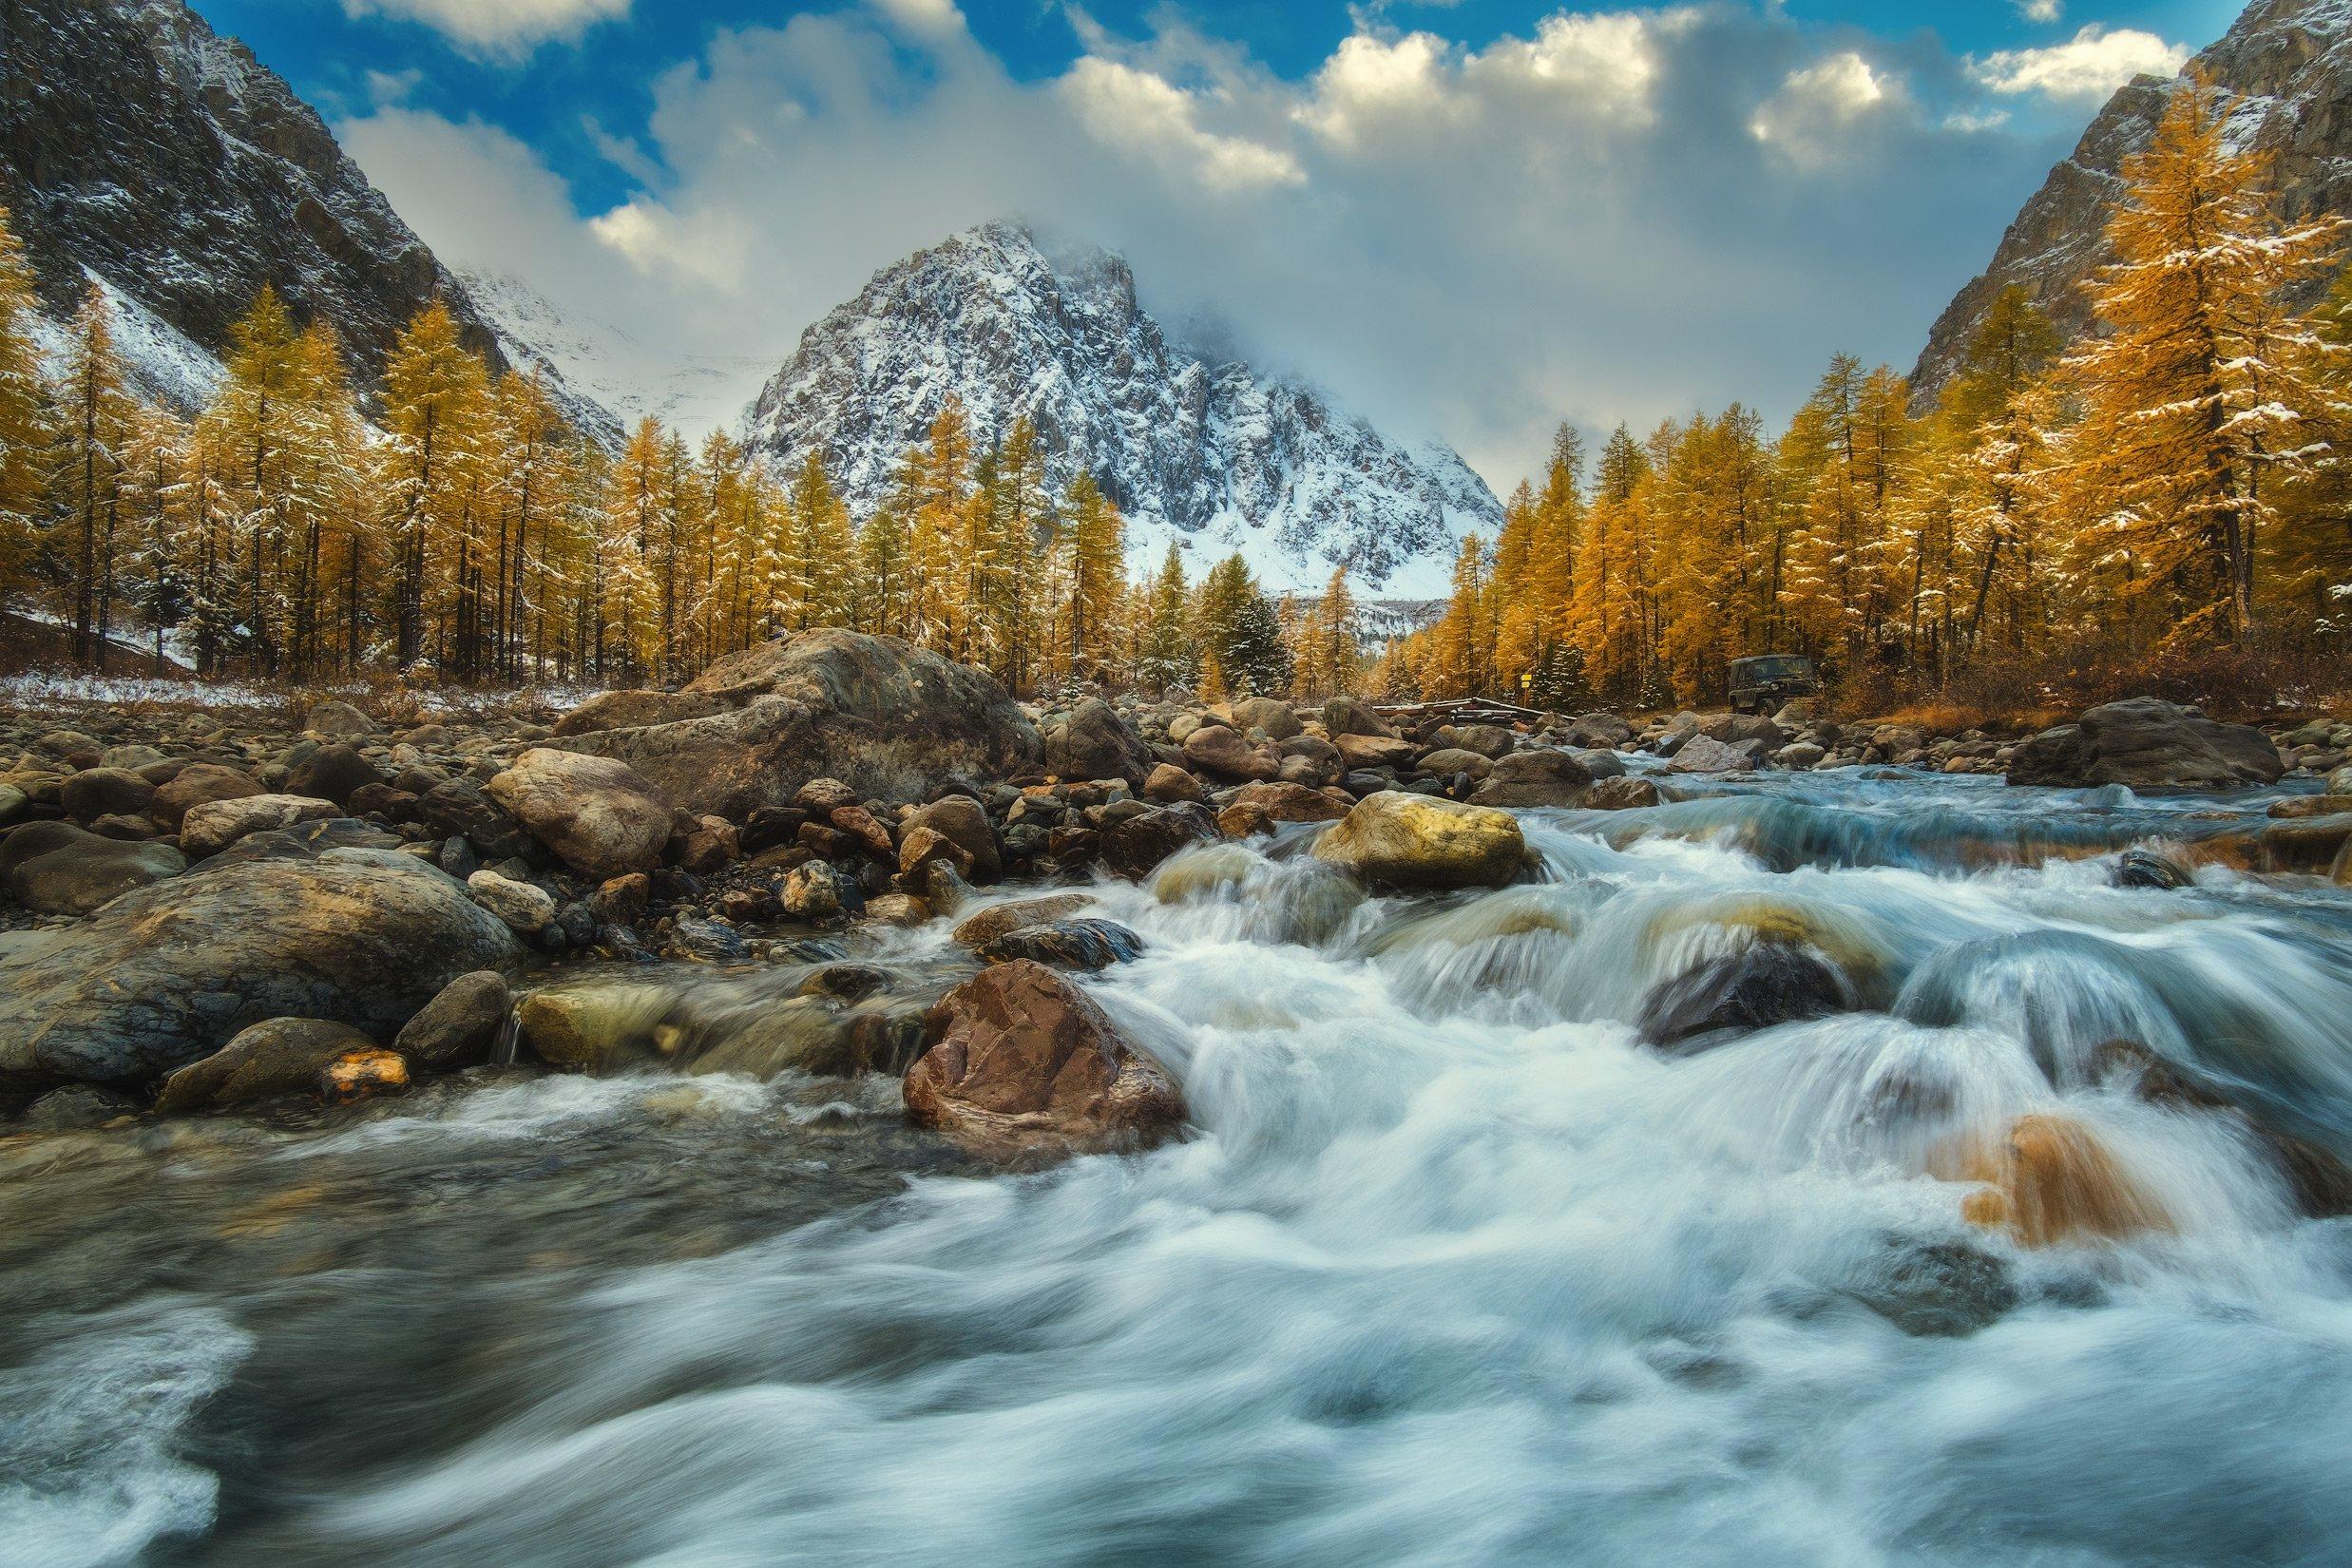 россия, алтай, республика алтай, горный алтай, природа, пейзаж, сибирь, горы, река, поток, снег, осень, актру, Оборотов Алексей